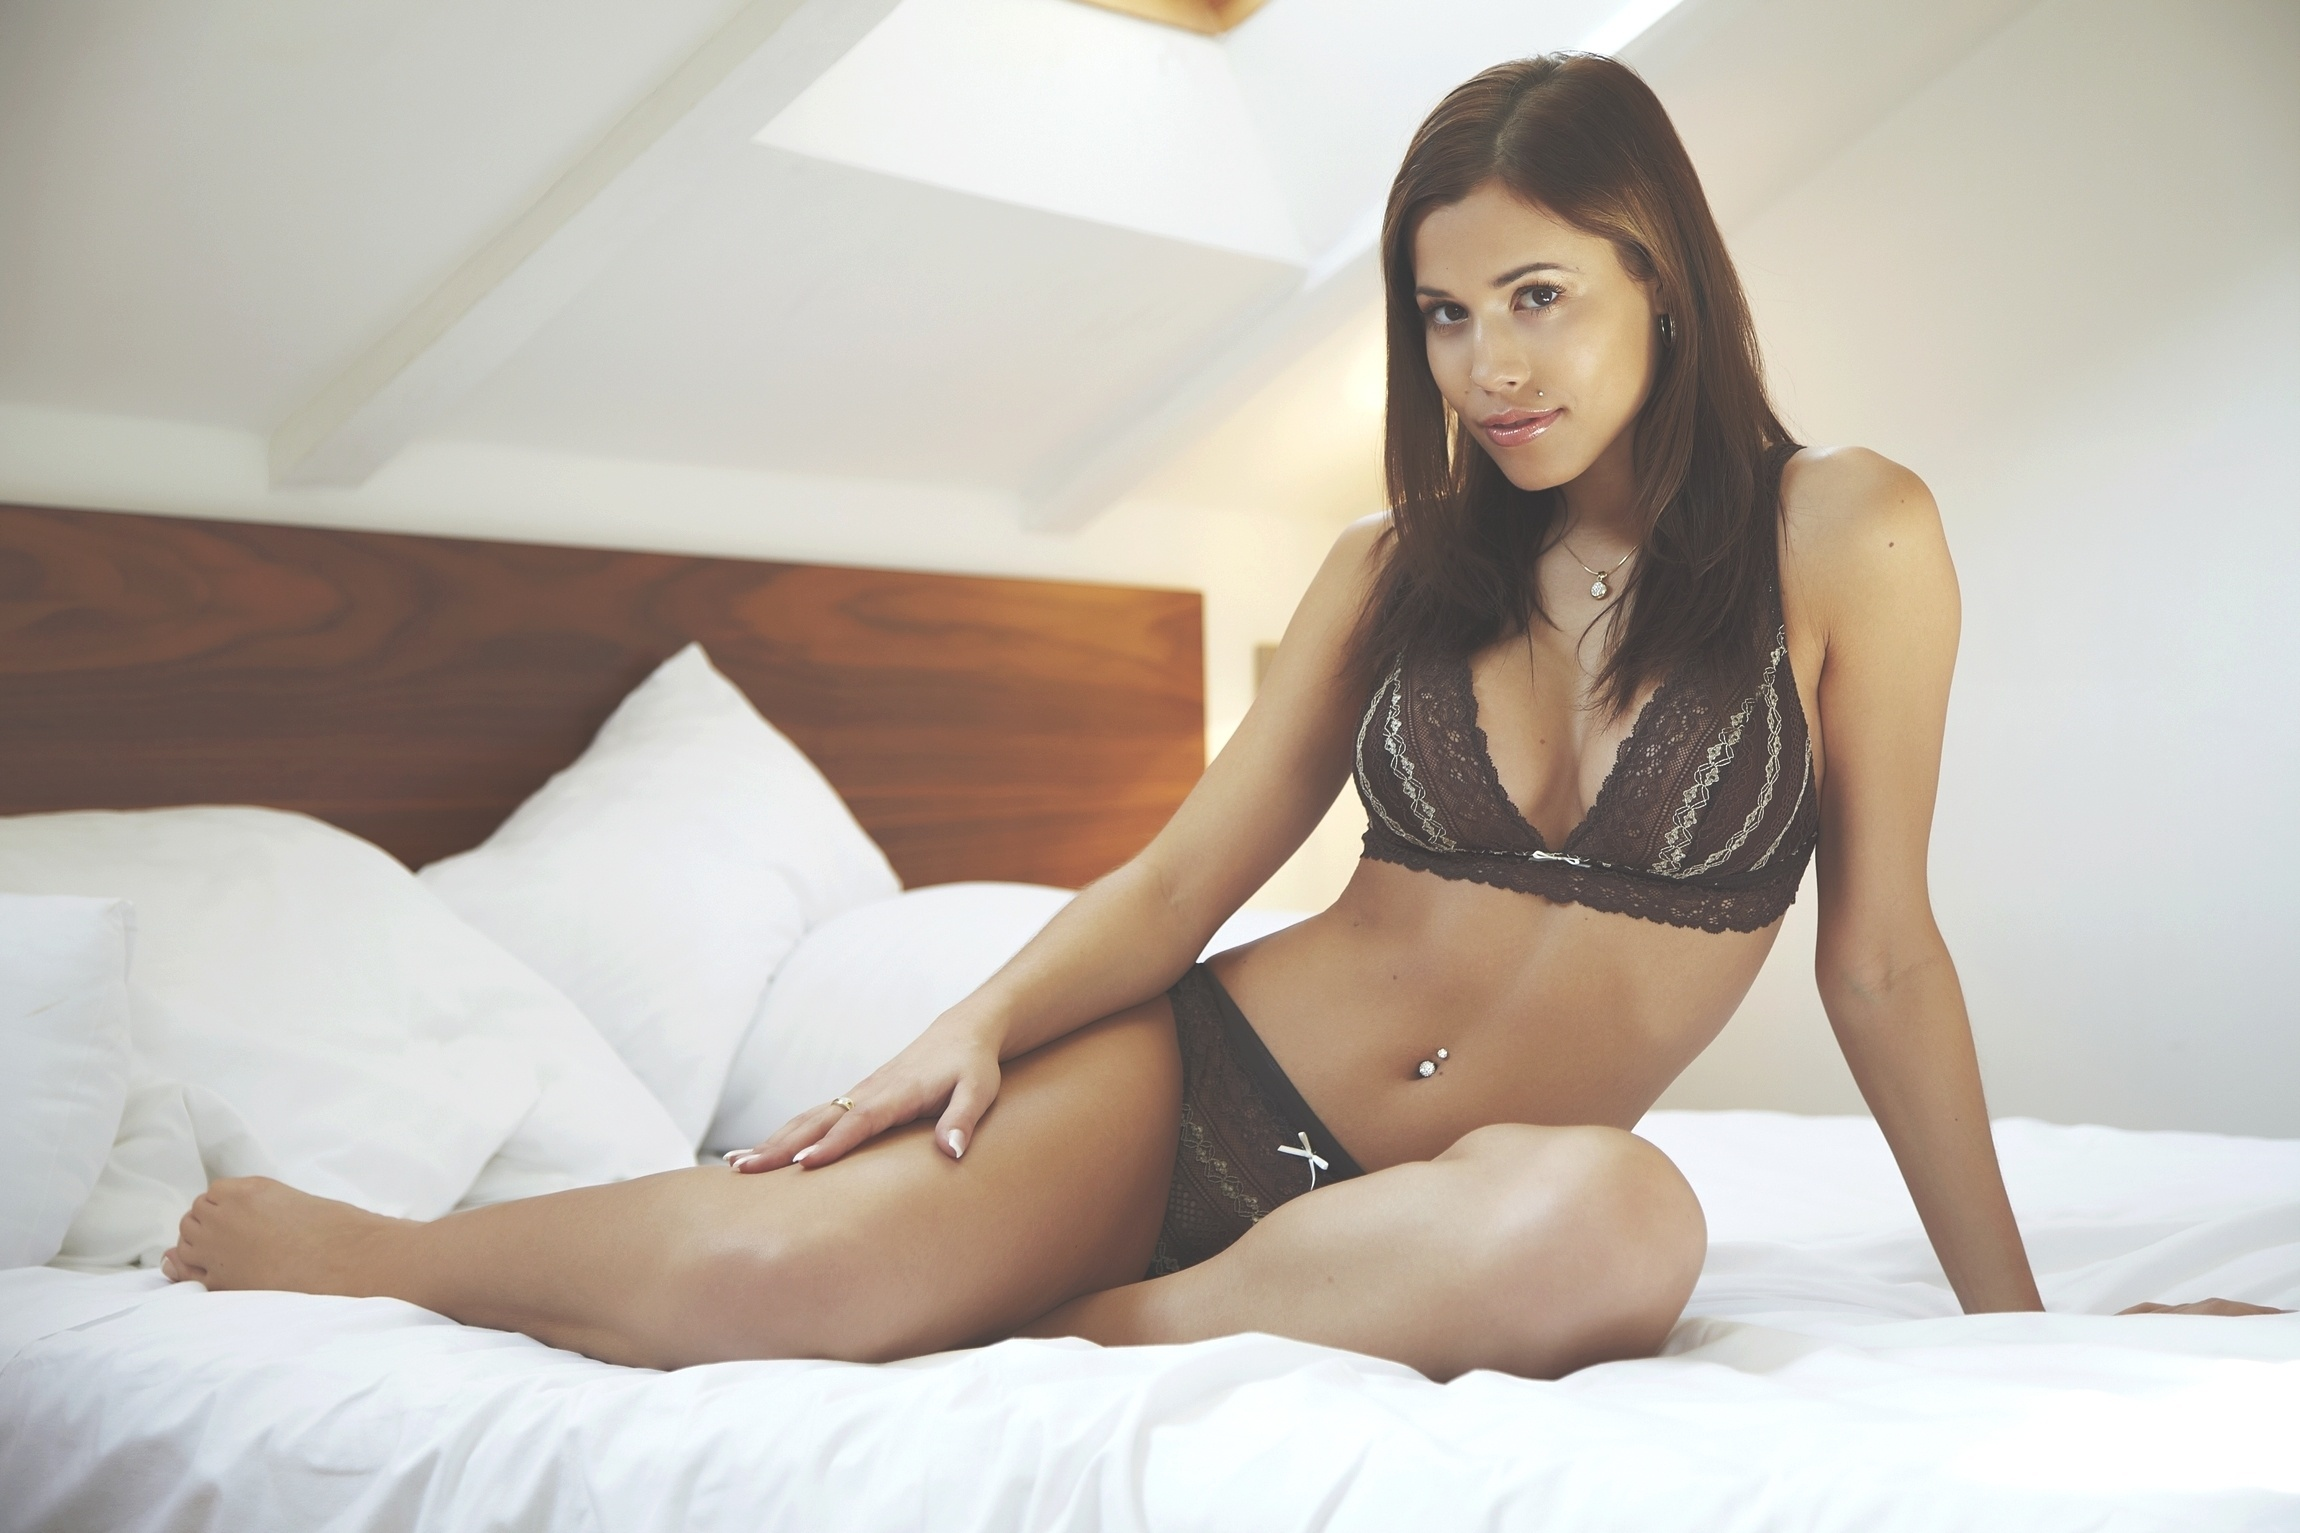 Фото телок в сексуальном белье